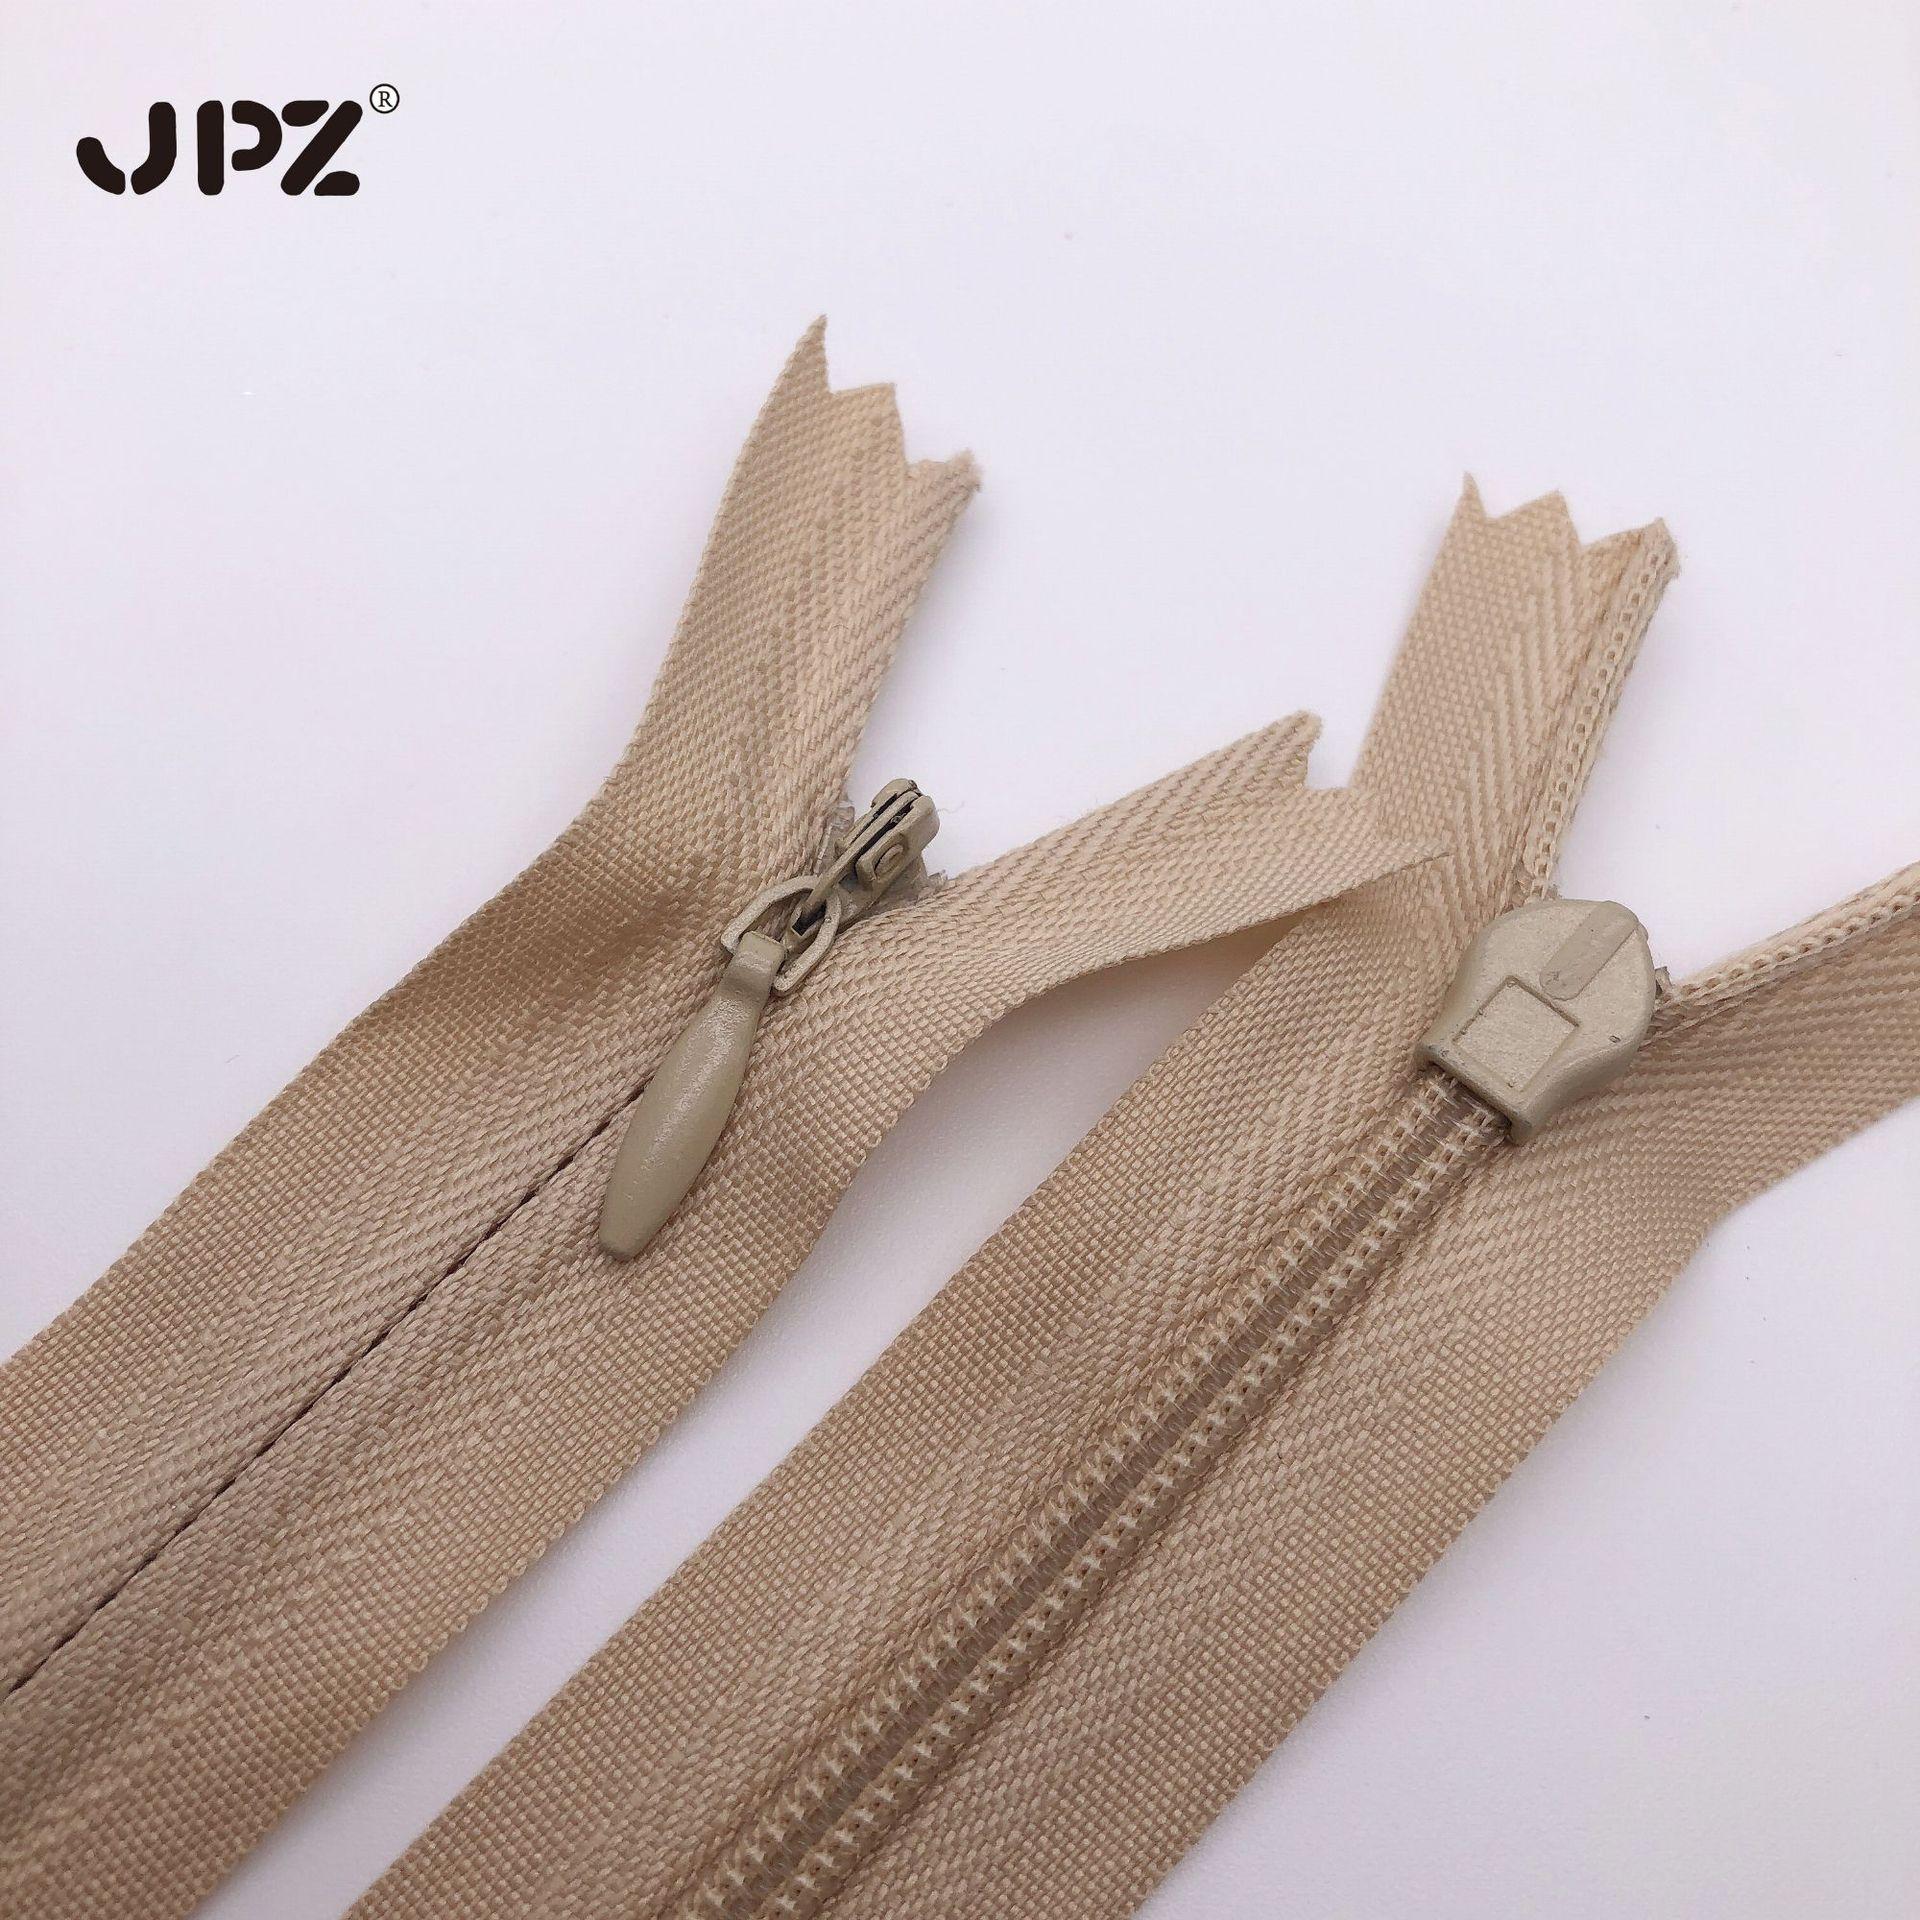 Nhà sản xuất bán buôn 3rd vải dây kéo vô hình nylon ren tại chỗ Gối gối dây kéo có thể được tùy chỉn